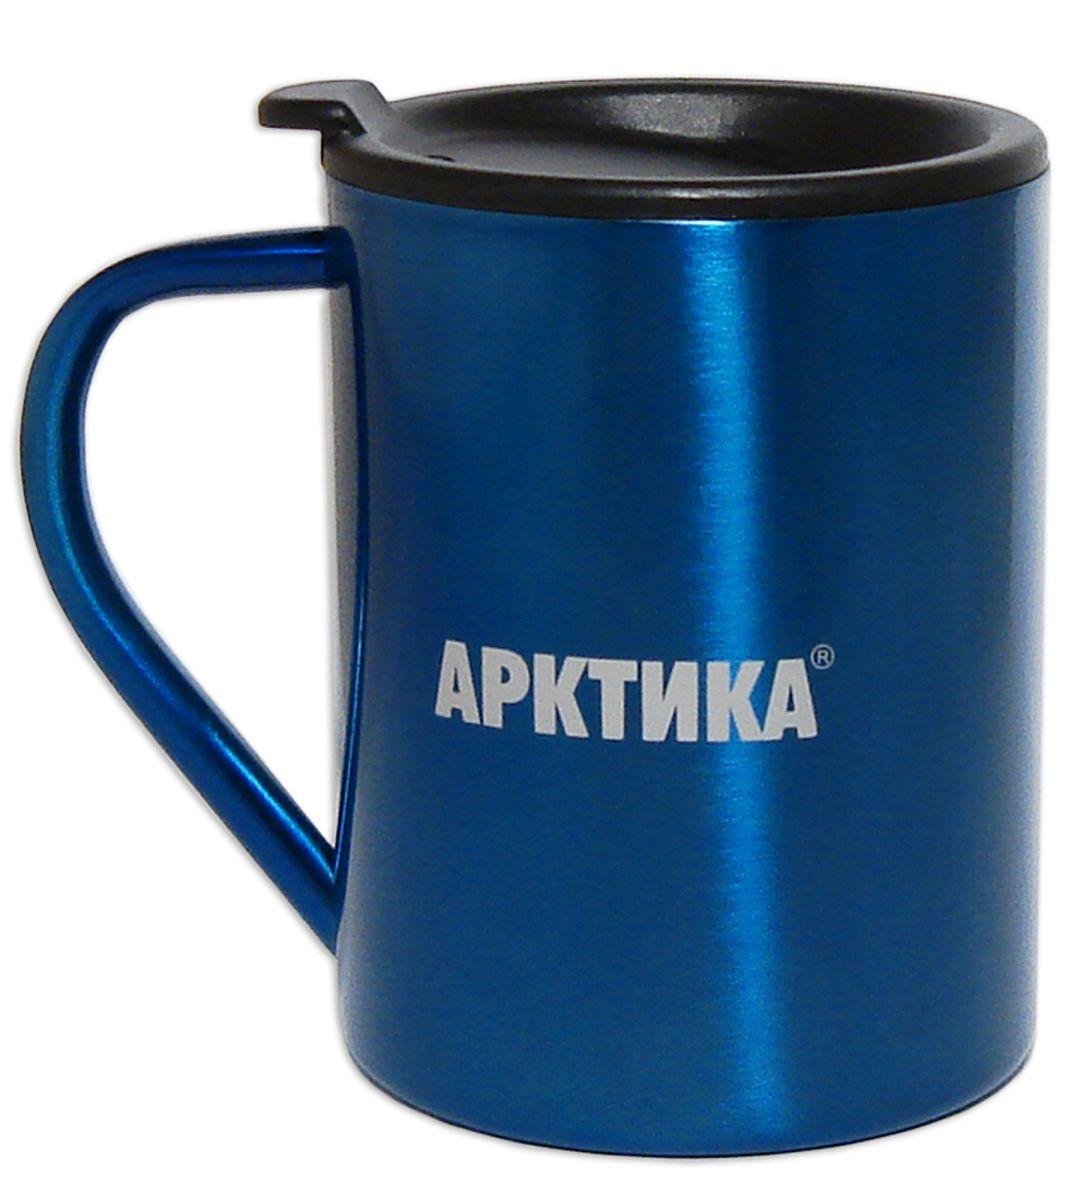 Термокружка Арктика, цвет: синий, черный, 300 мл802-300_синий, черныйТермокружка Арктика одинаково хороша и при использовании дома, если вы любите растягивать удовольствие от напитка и вам не нравится, что он так быстро остывает, и на даче, где такая посуда особенно впору в силу своей прочности, долговечности и практичности. Изделием приятно пользоваться, ведь оно не обжигает руки, его легко мыть. Термокружка выполнена из прочной нержавеющей стали, благодаря чему ее можно не бояться уронить. Имеется пластиковая крышка с силиконовой вставкой. В ней расположено отверстие, через которое можно пить.Диаметр кружки (по верхнему краю): 7,8 см.Высота кружки (без учета крышки): 9 см.